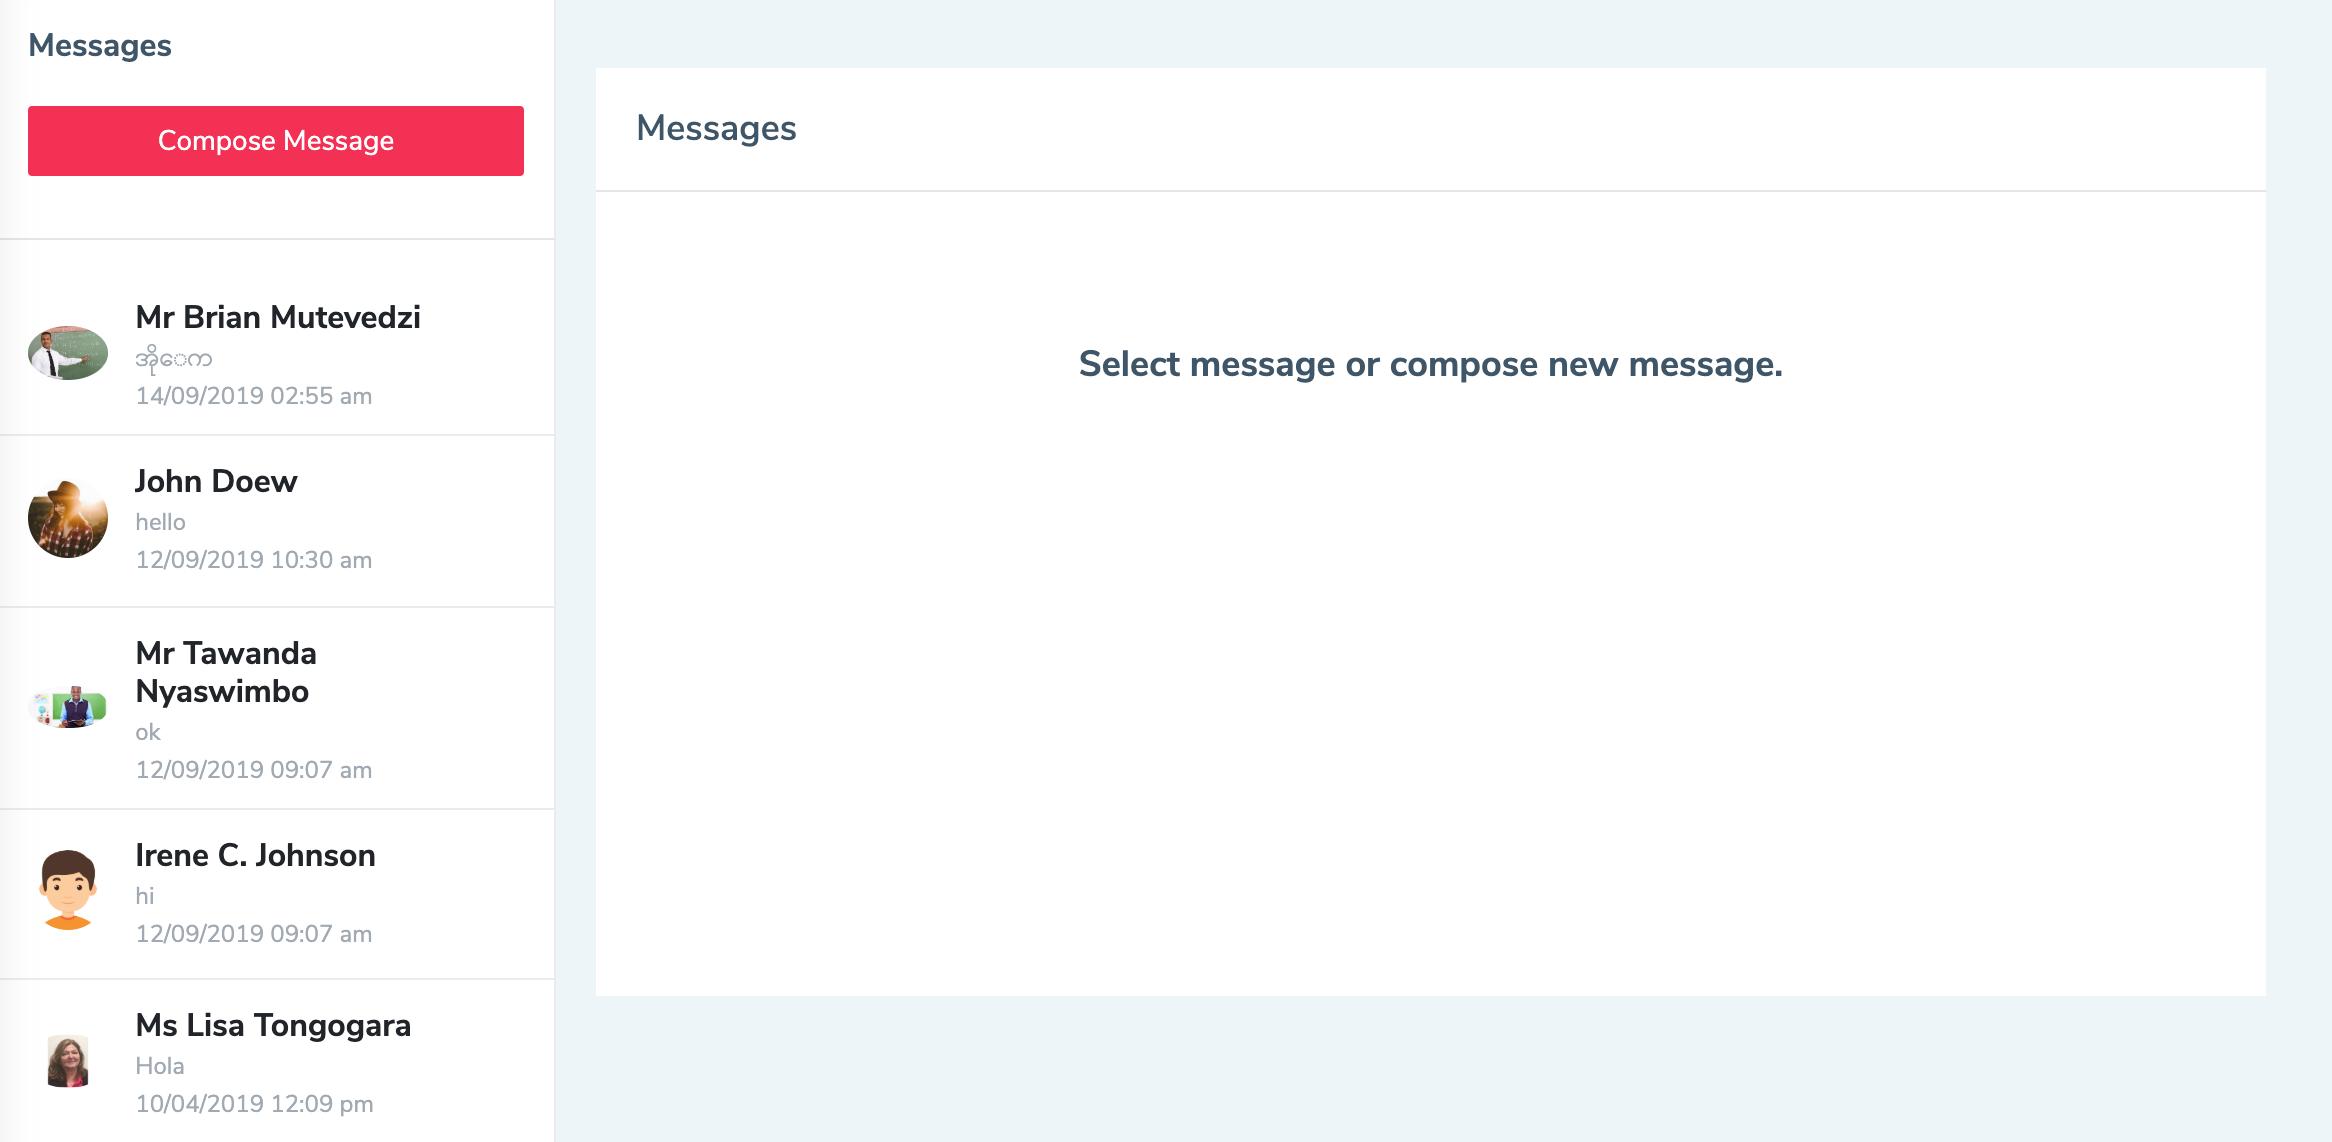 Eduopus messages list